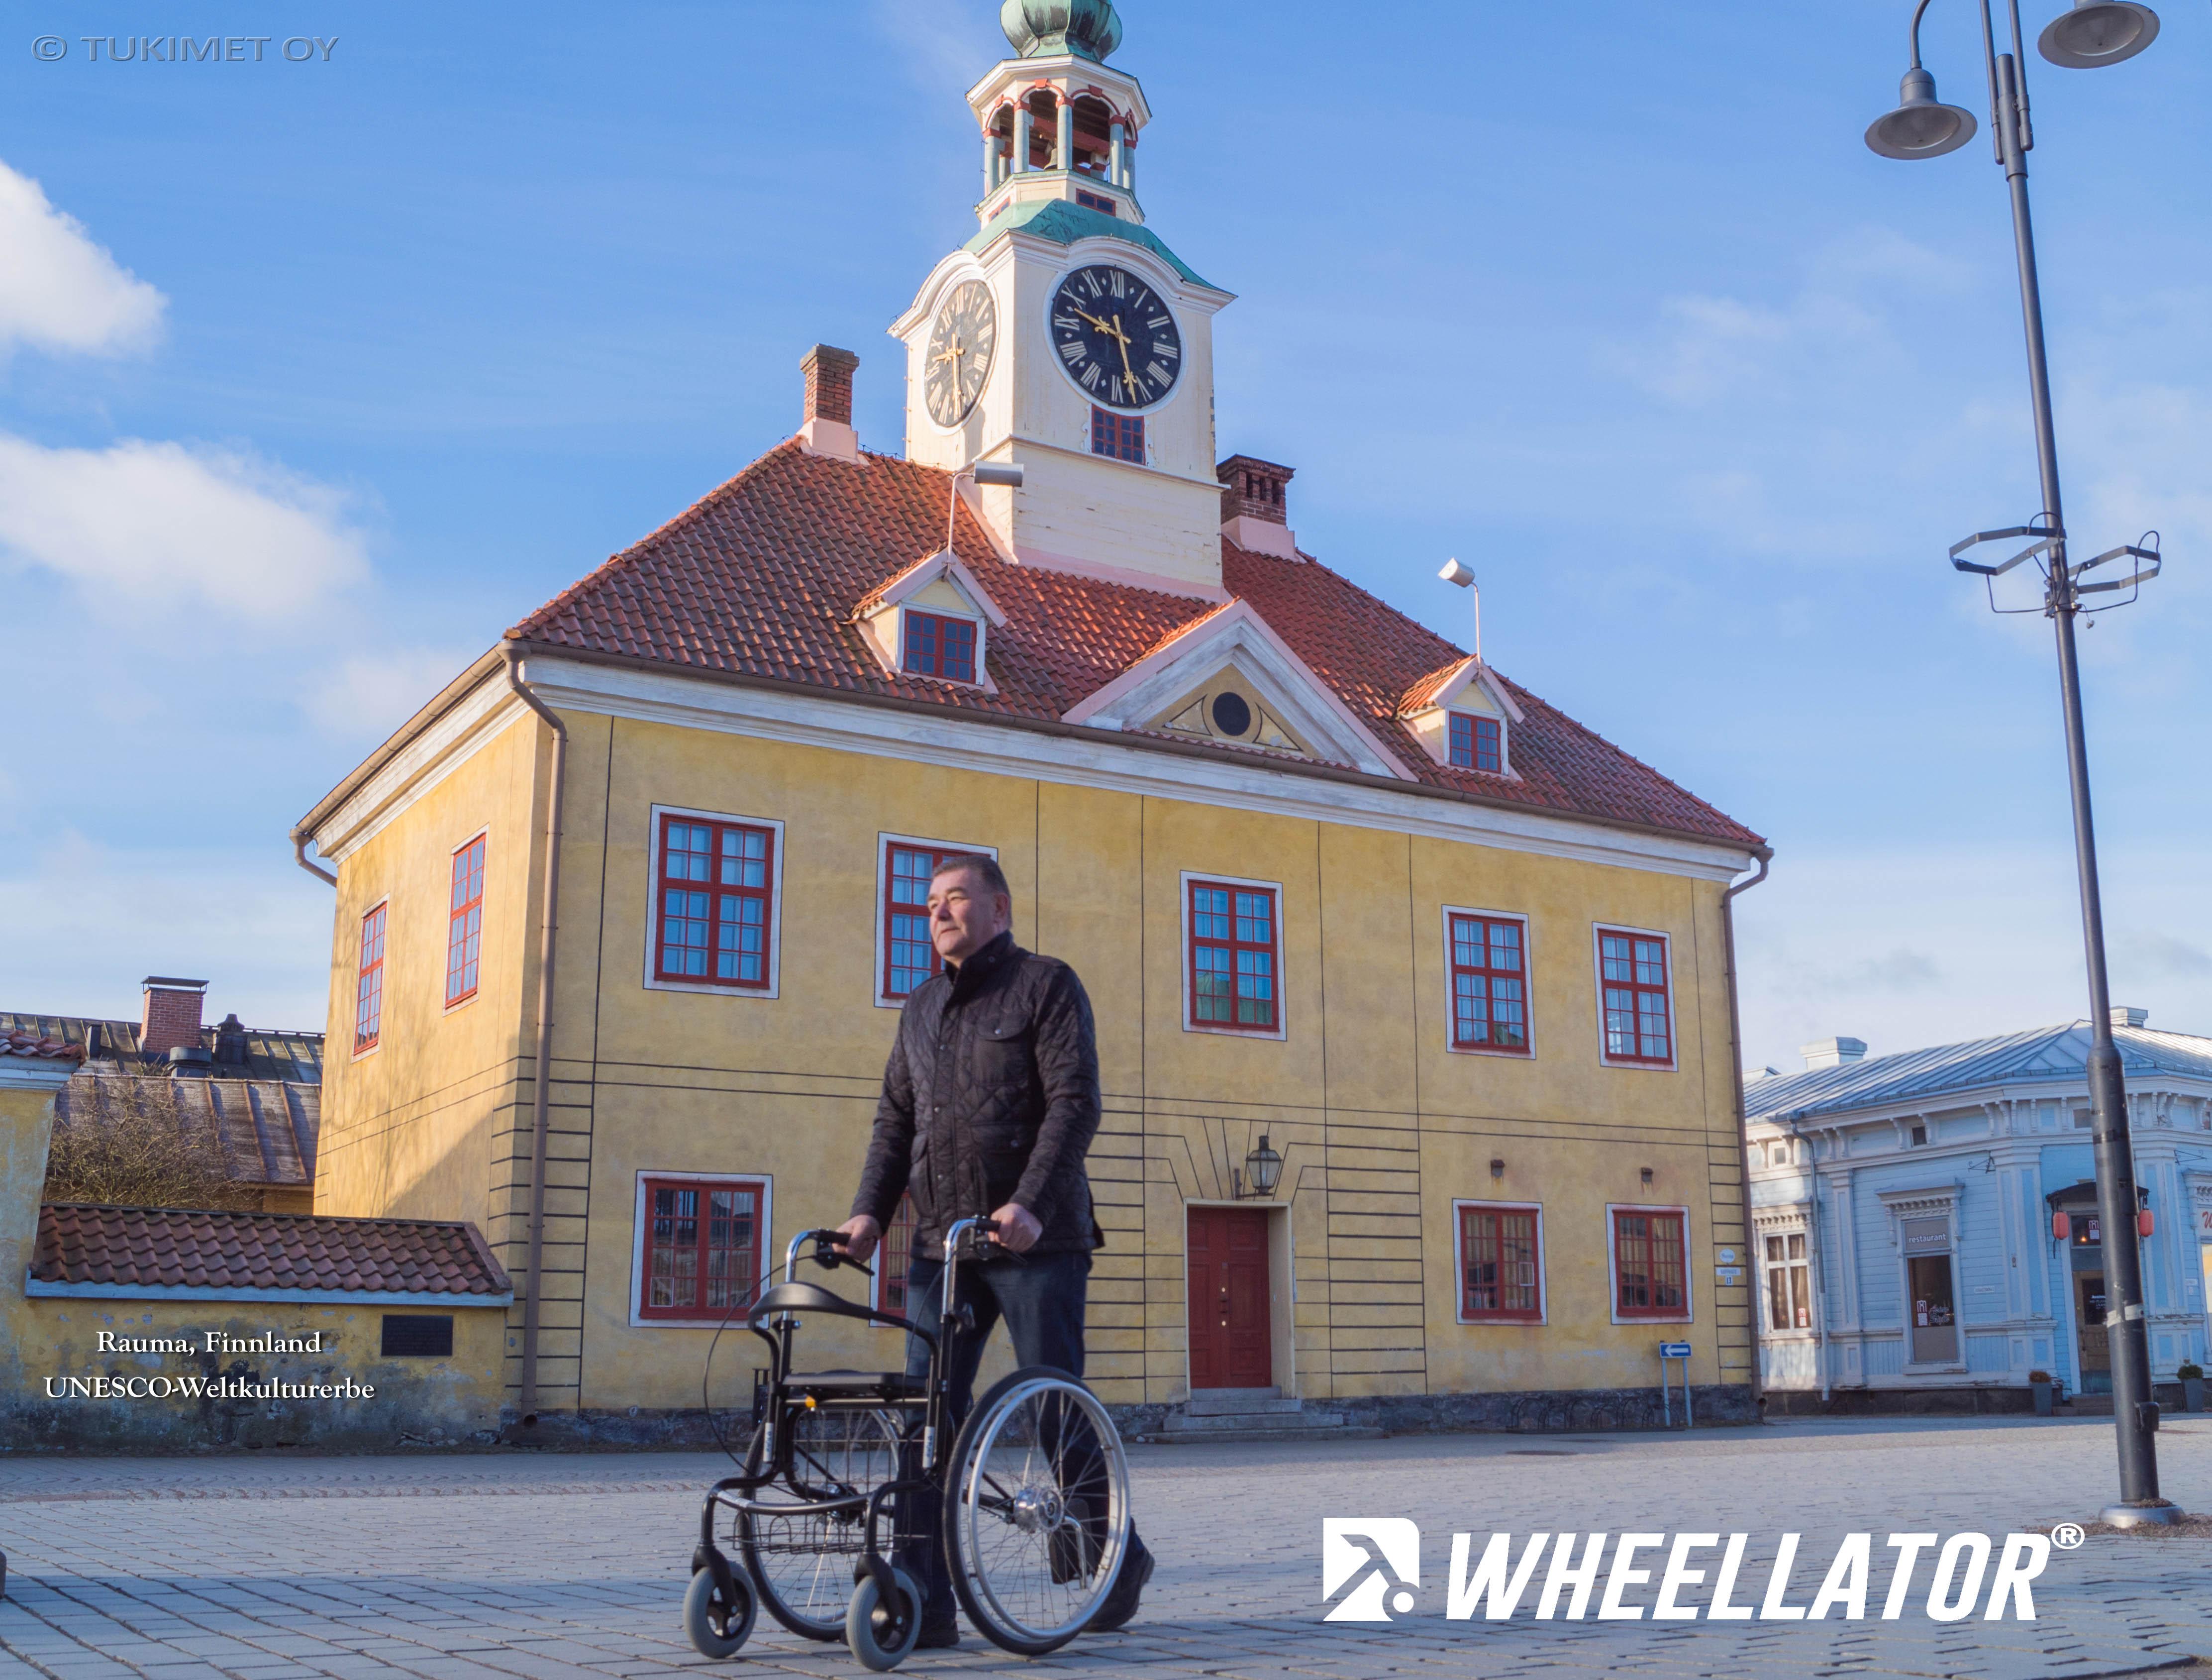 Wheellator mit Sicherheit mobil!